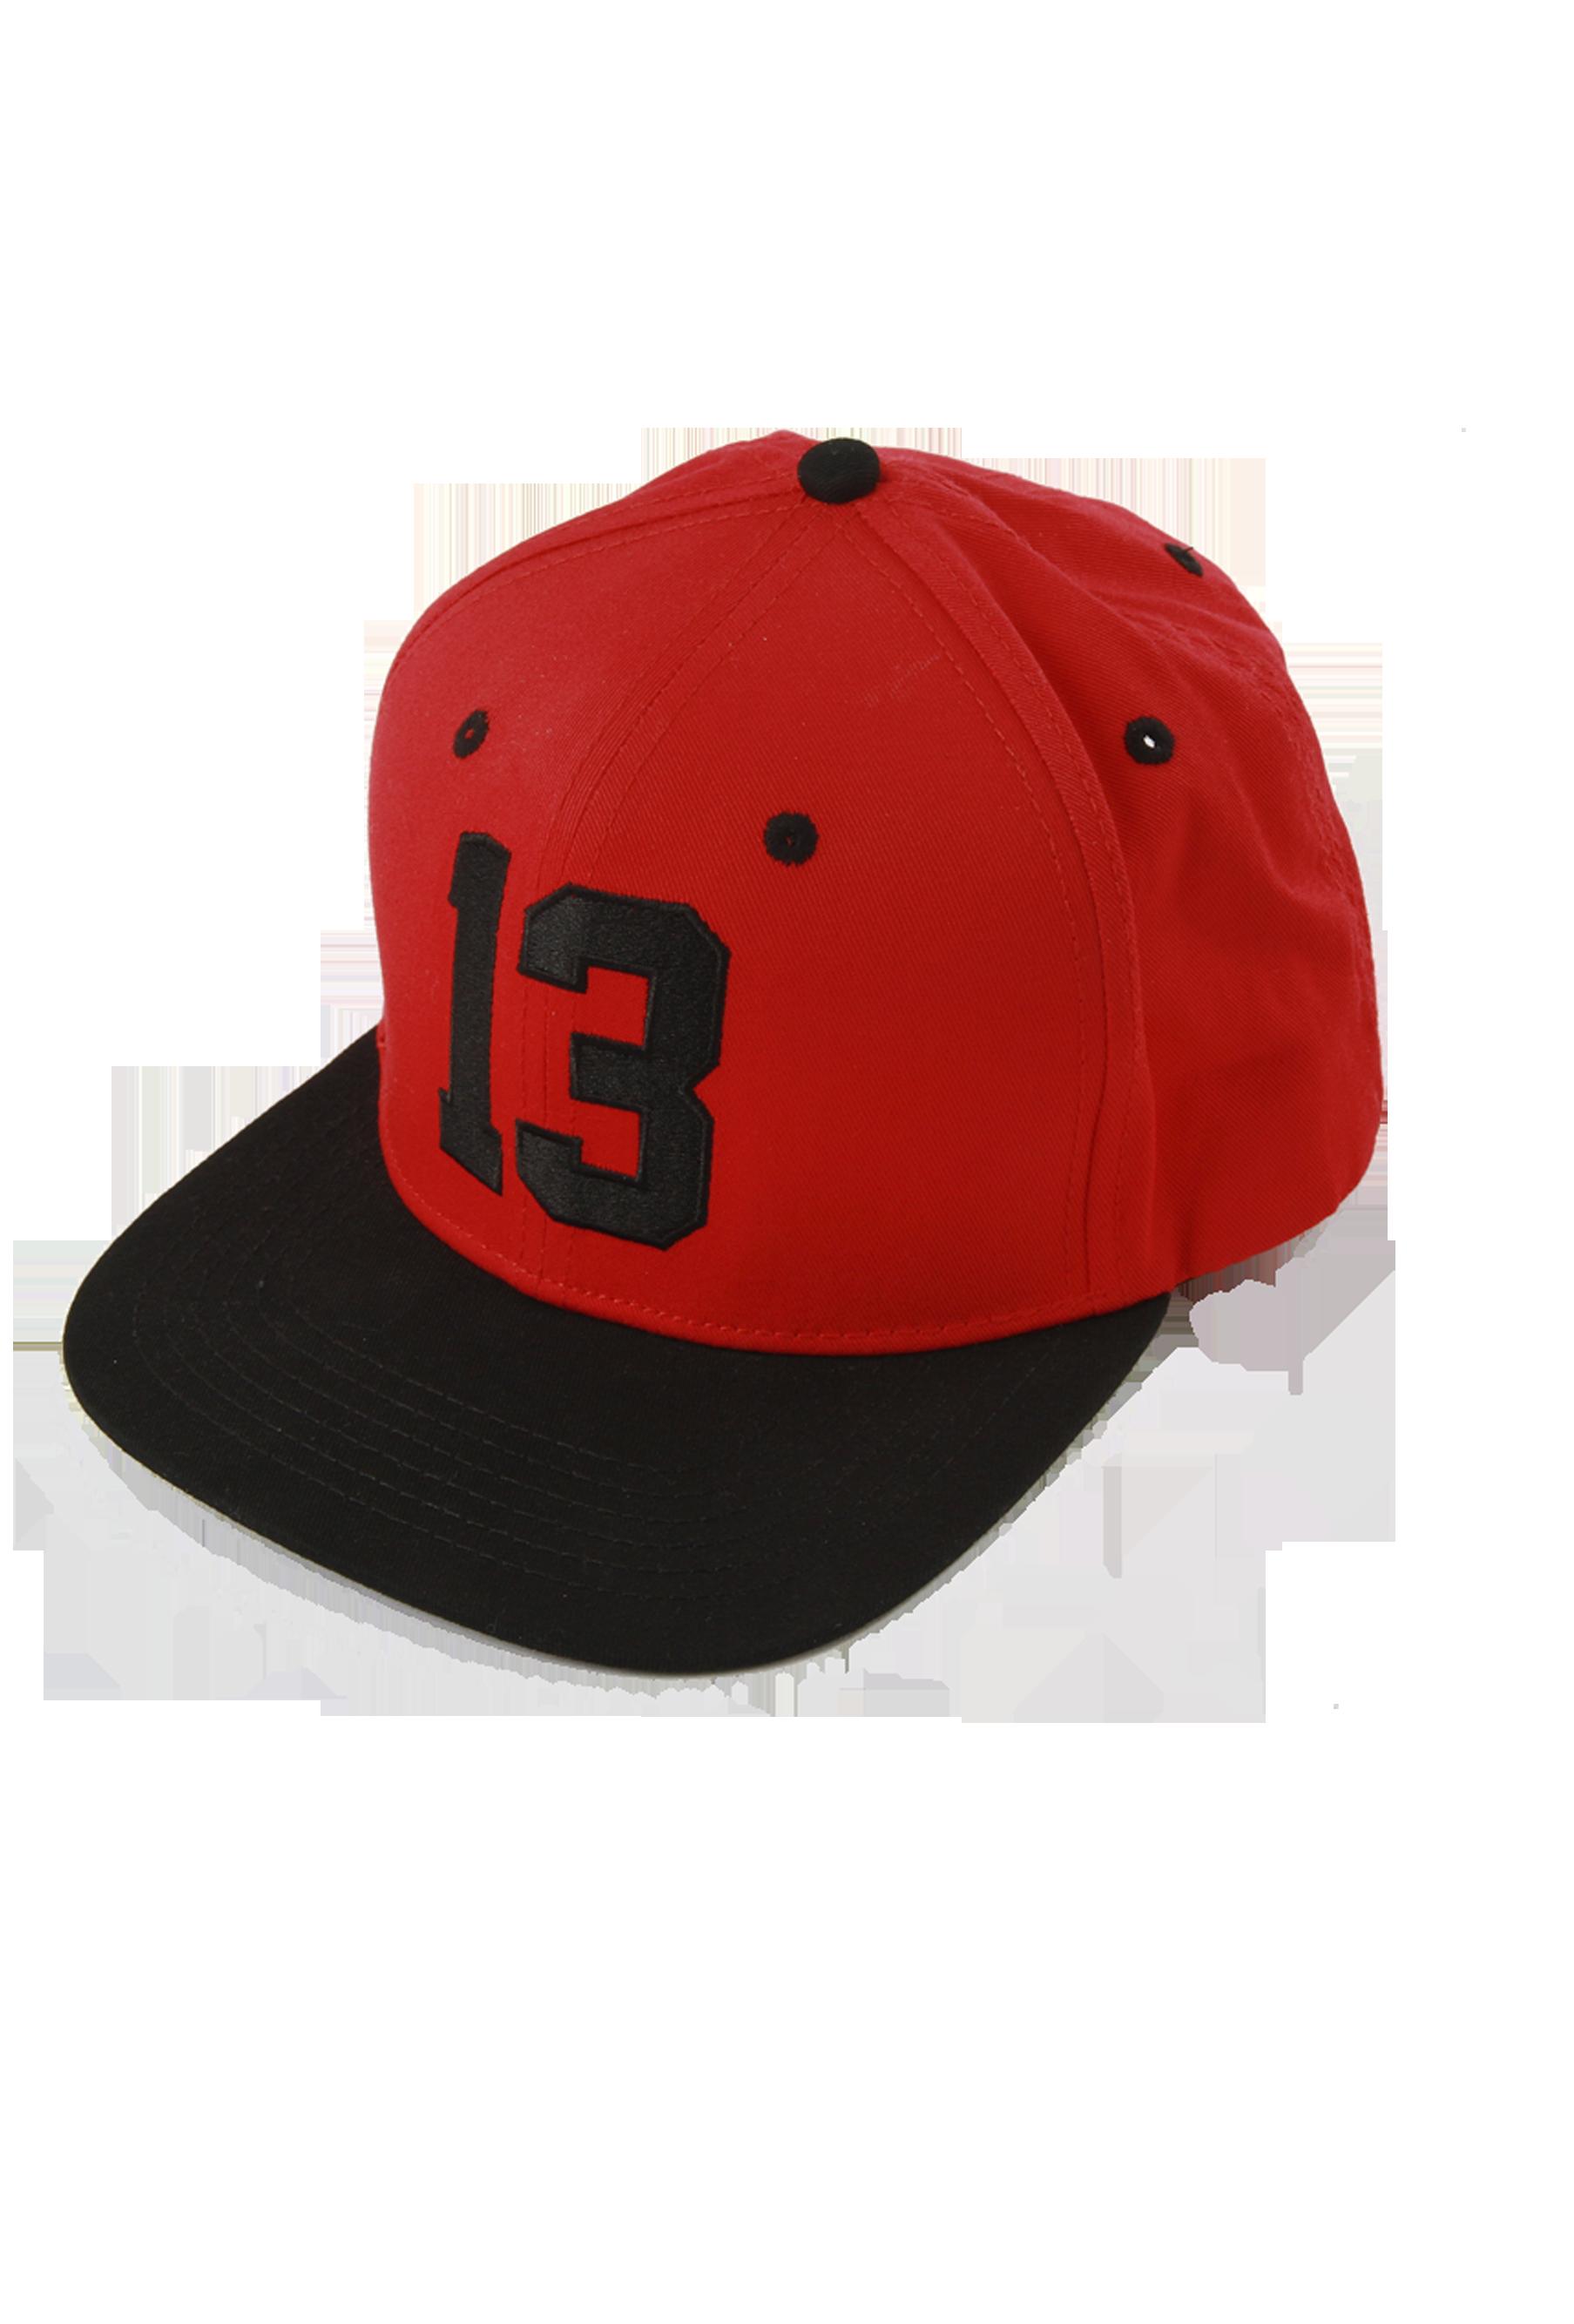 Снэпбэк унисекс 13Снепбэк унисекс от Black Star Wear. Минималистичный дизайн, лаконичность кроя и сдержанные расцветки позволяют сочетать этот головной убор с любой одеждой. Спереди модель декорирована вышивкой с цифрой 13, сзади название бренда и пластиковая застёжка, регулирующая размер. Аксессуар доступен в трёх цветах: чёрном, чёрно-белом и чёрно-красном.<br><br>Размер: Единый размер<br>Цвет: Красный<br>Пол: Унисекс